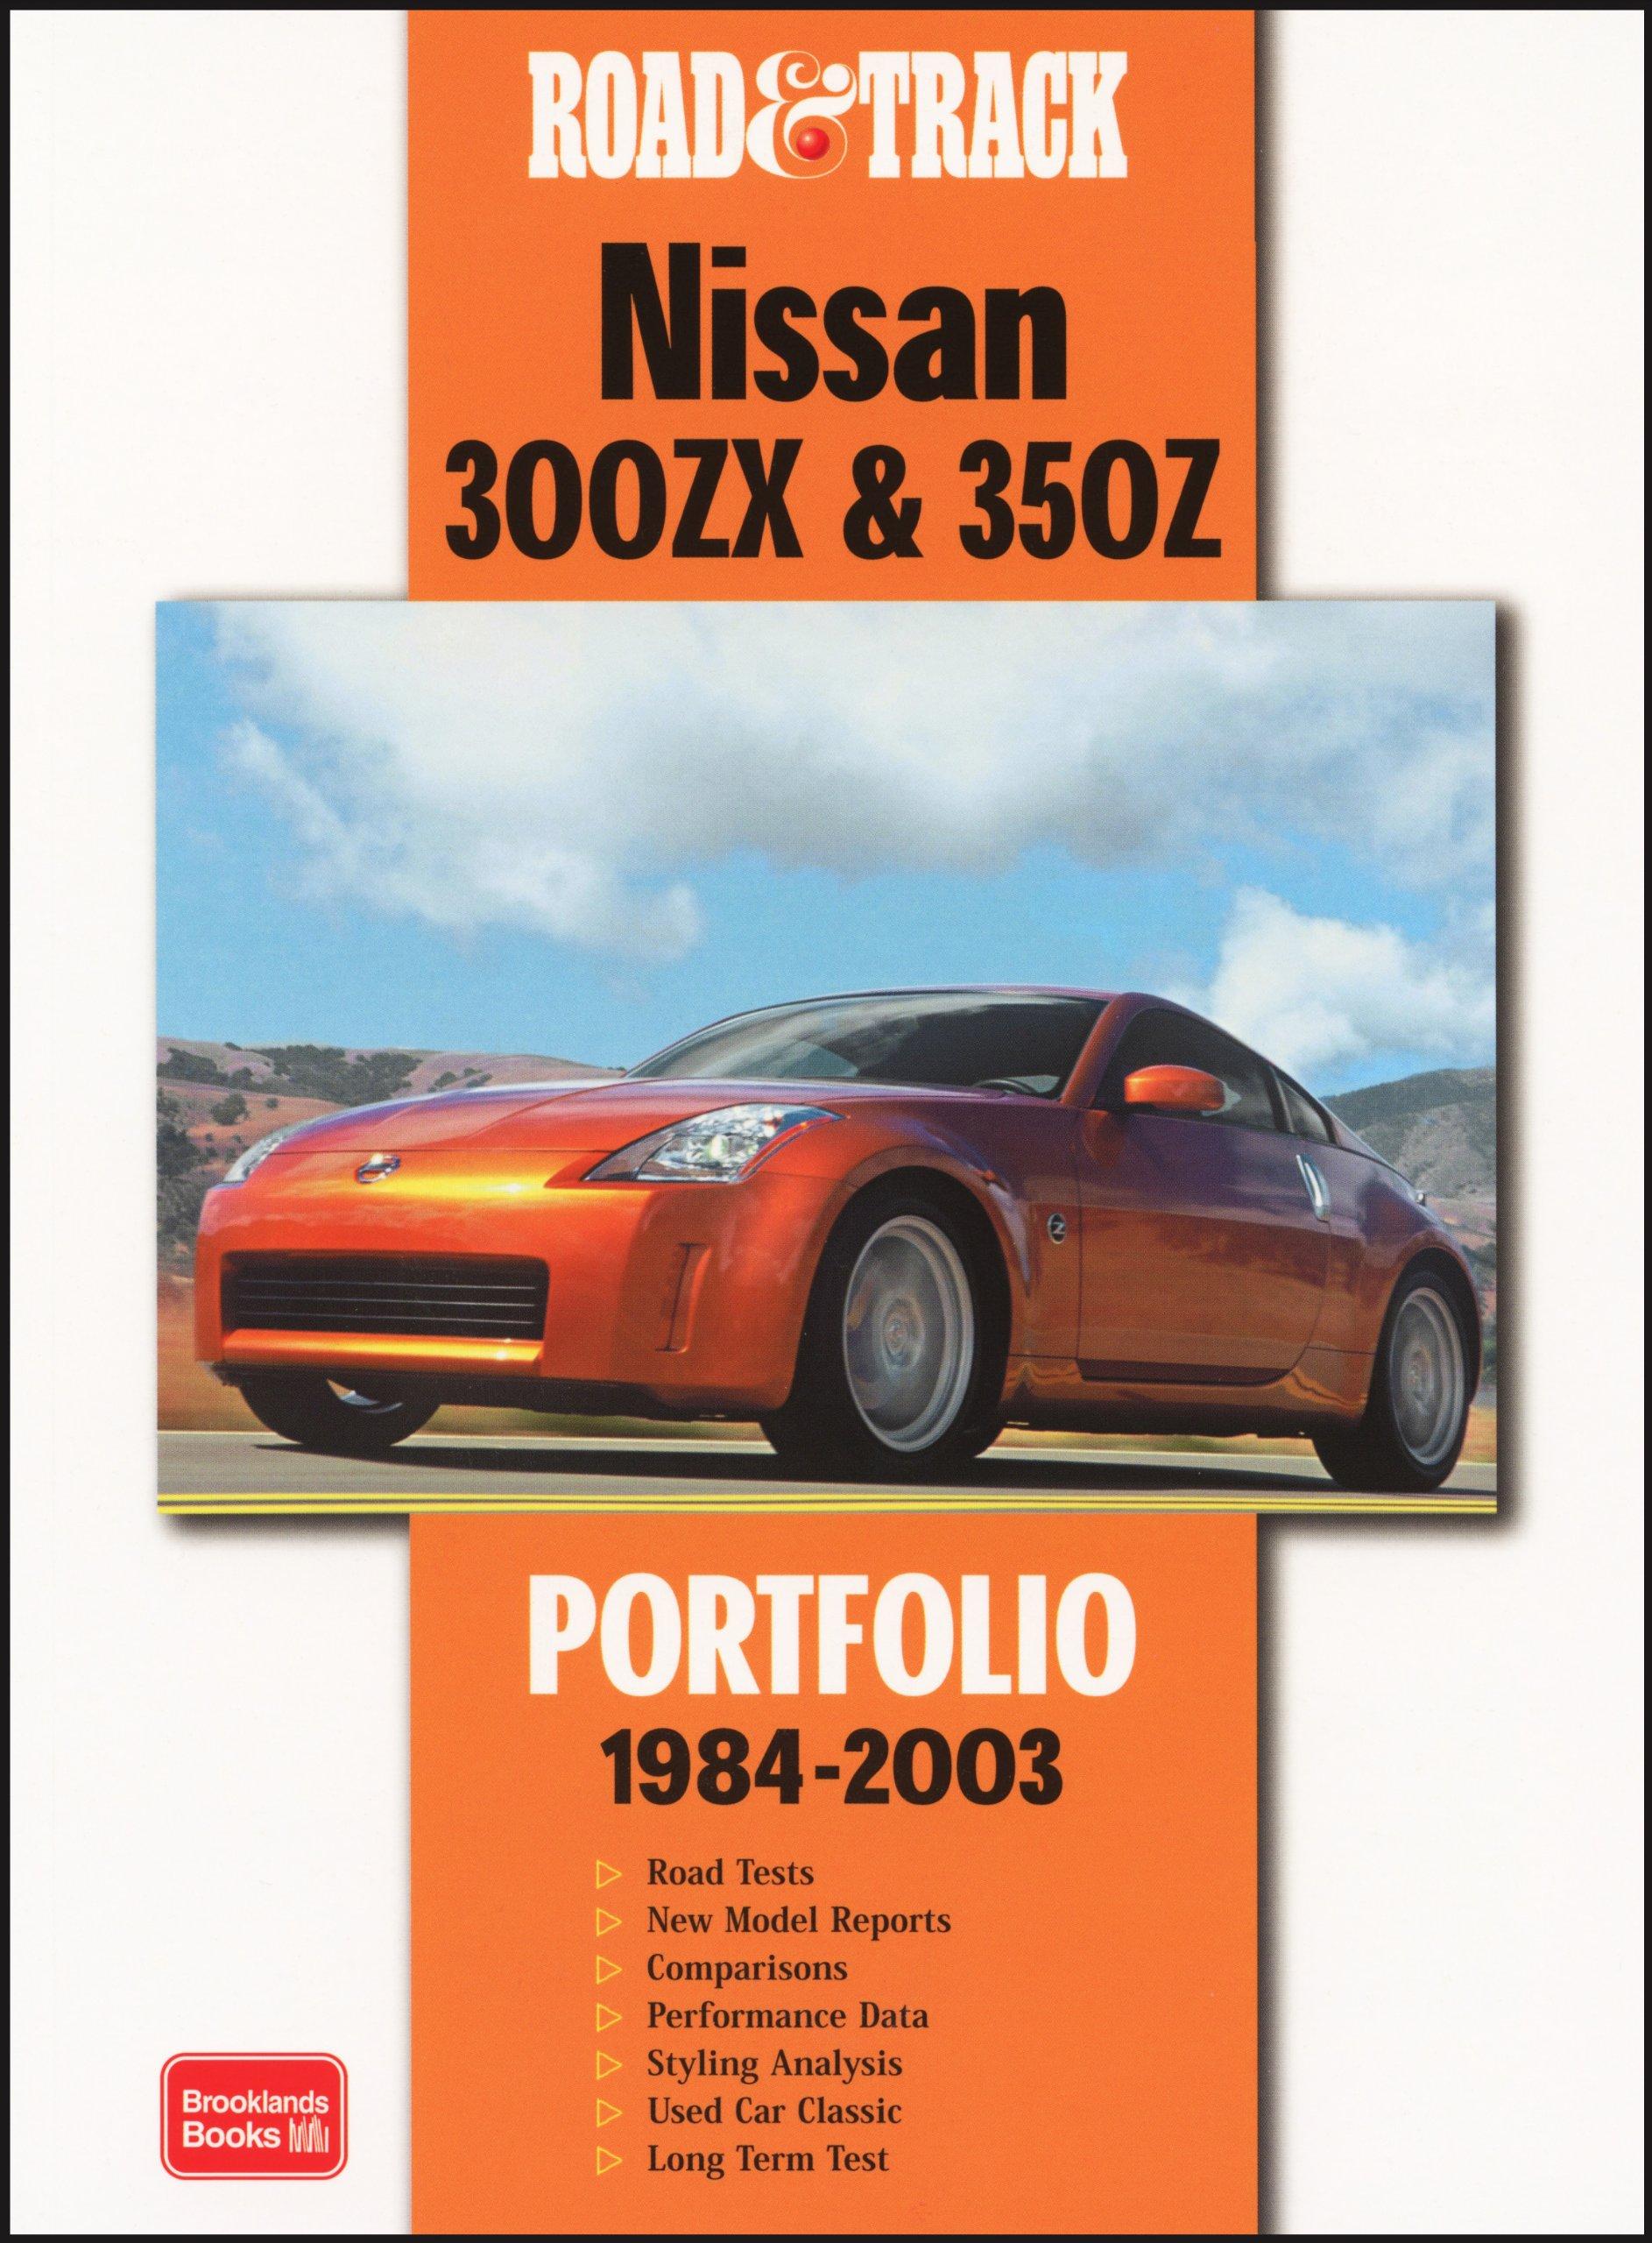 Road & Track Nissan 300ZX & 350Z Portfolio 1984-2003: Amazon.es: R. M. Clarke: Libros en idiomas extranjeros